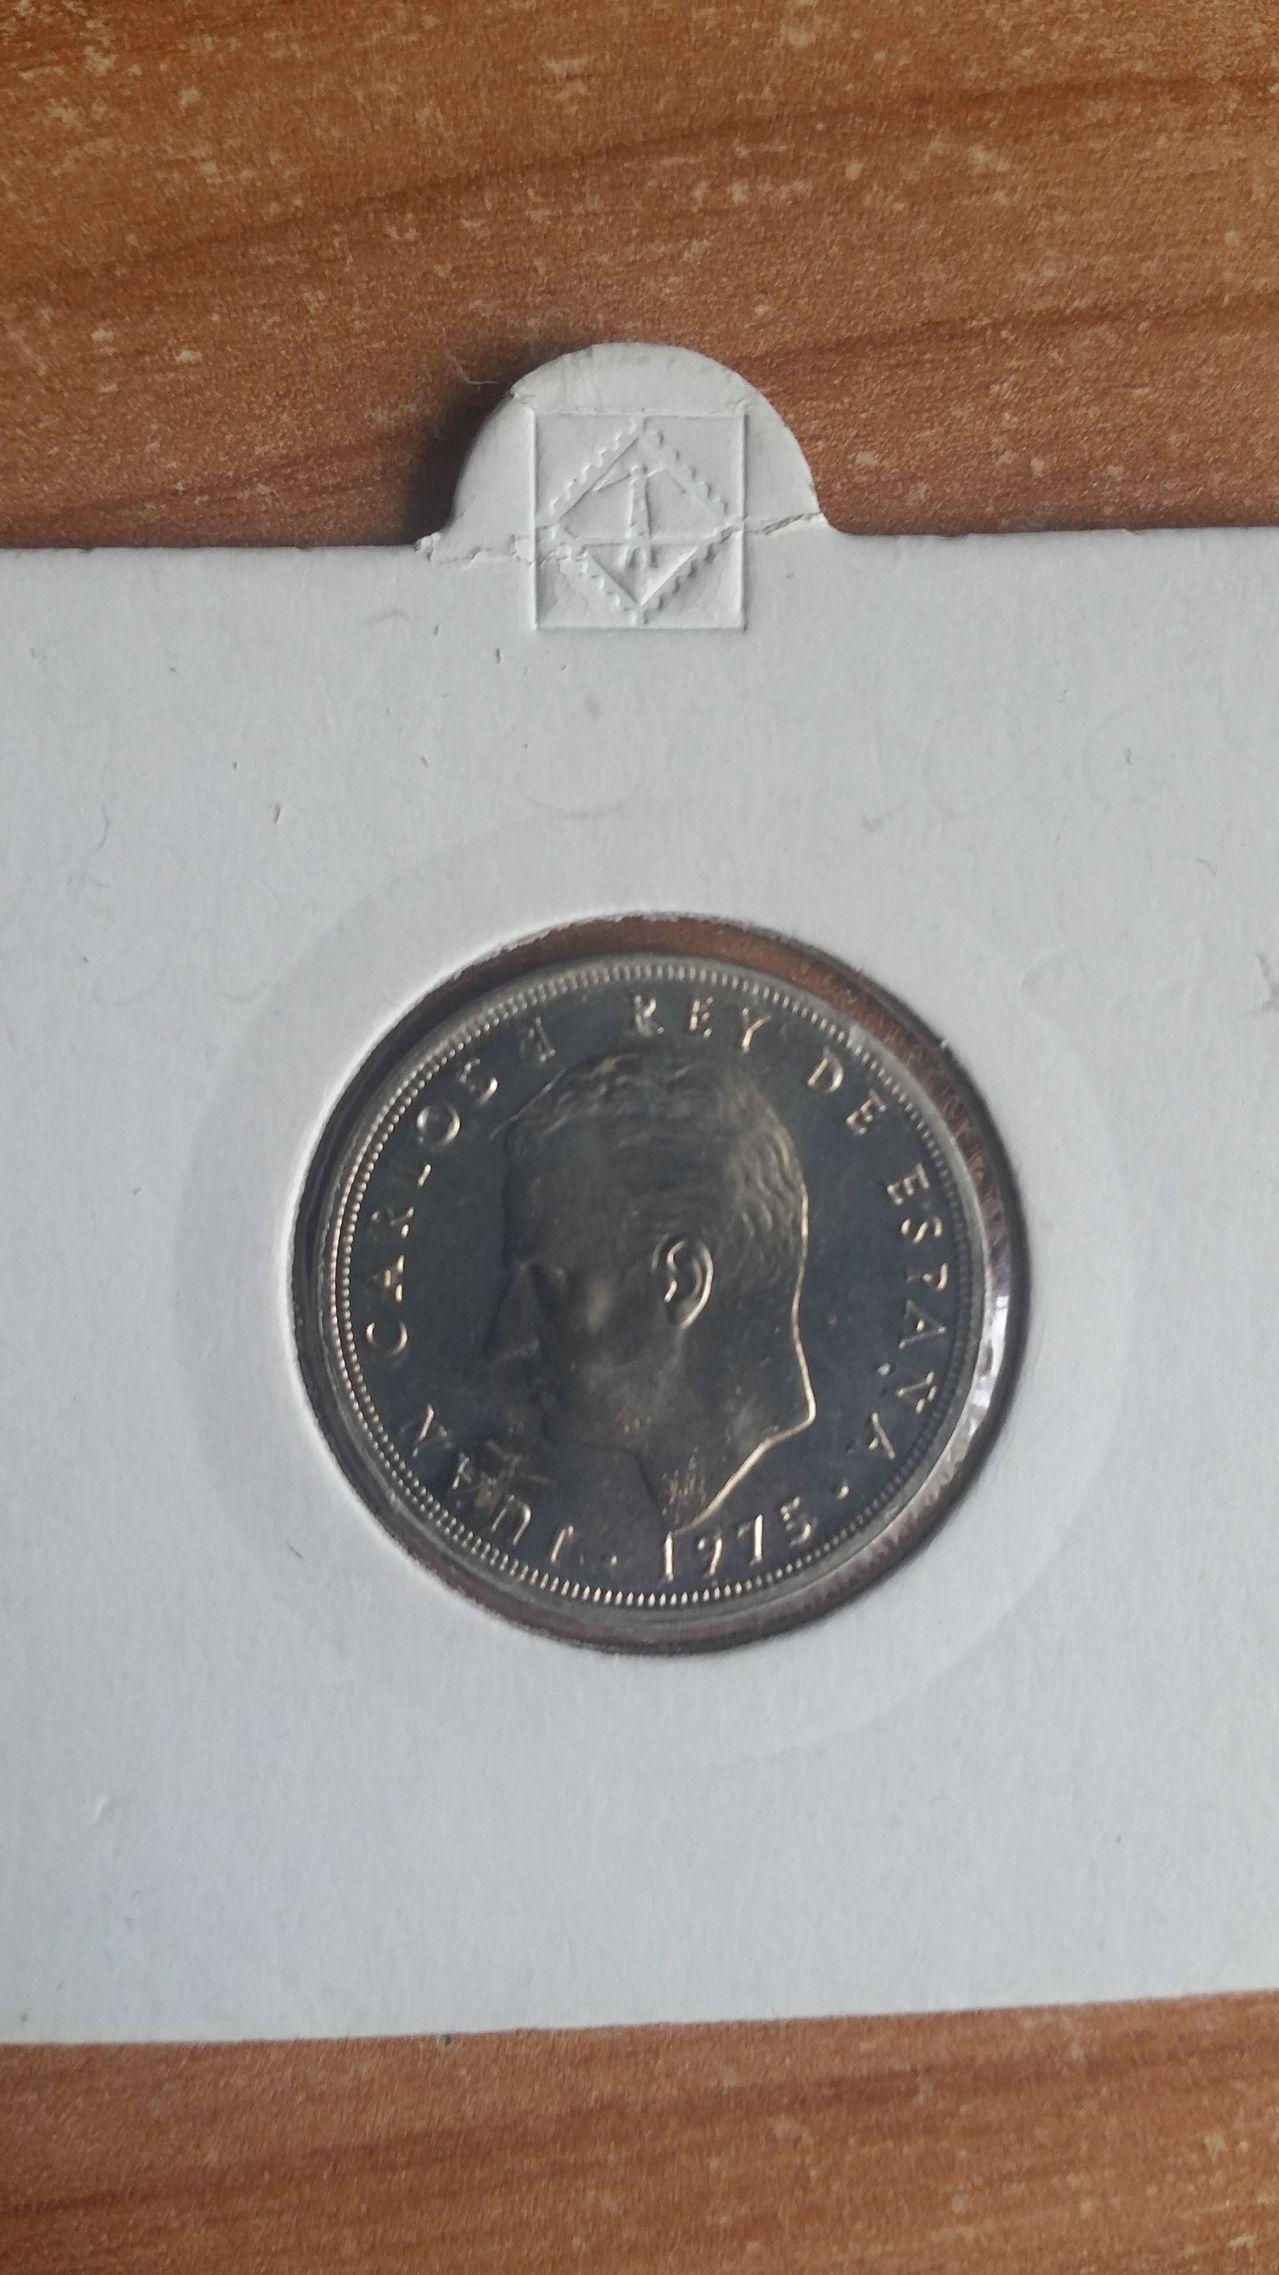 5 pesetas 1975 *80 globo crucífero 20160424_141624